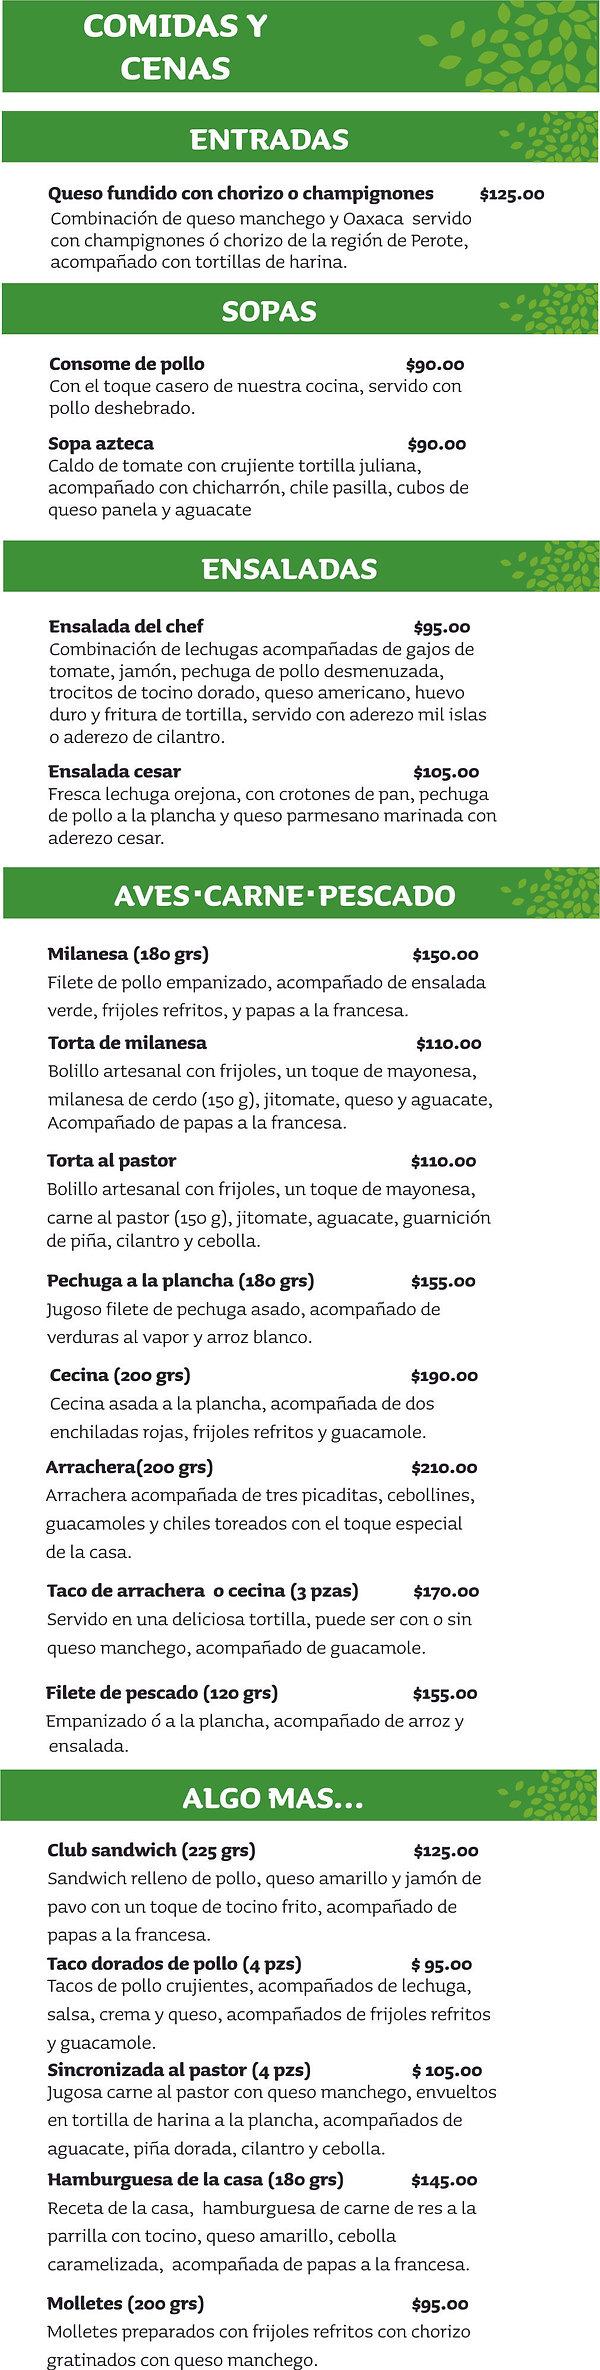 COMIDAS Y CENAS COVID.jpg